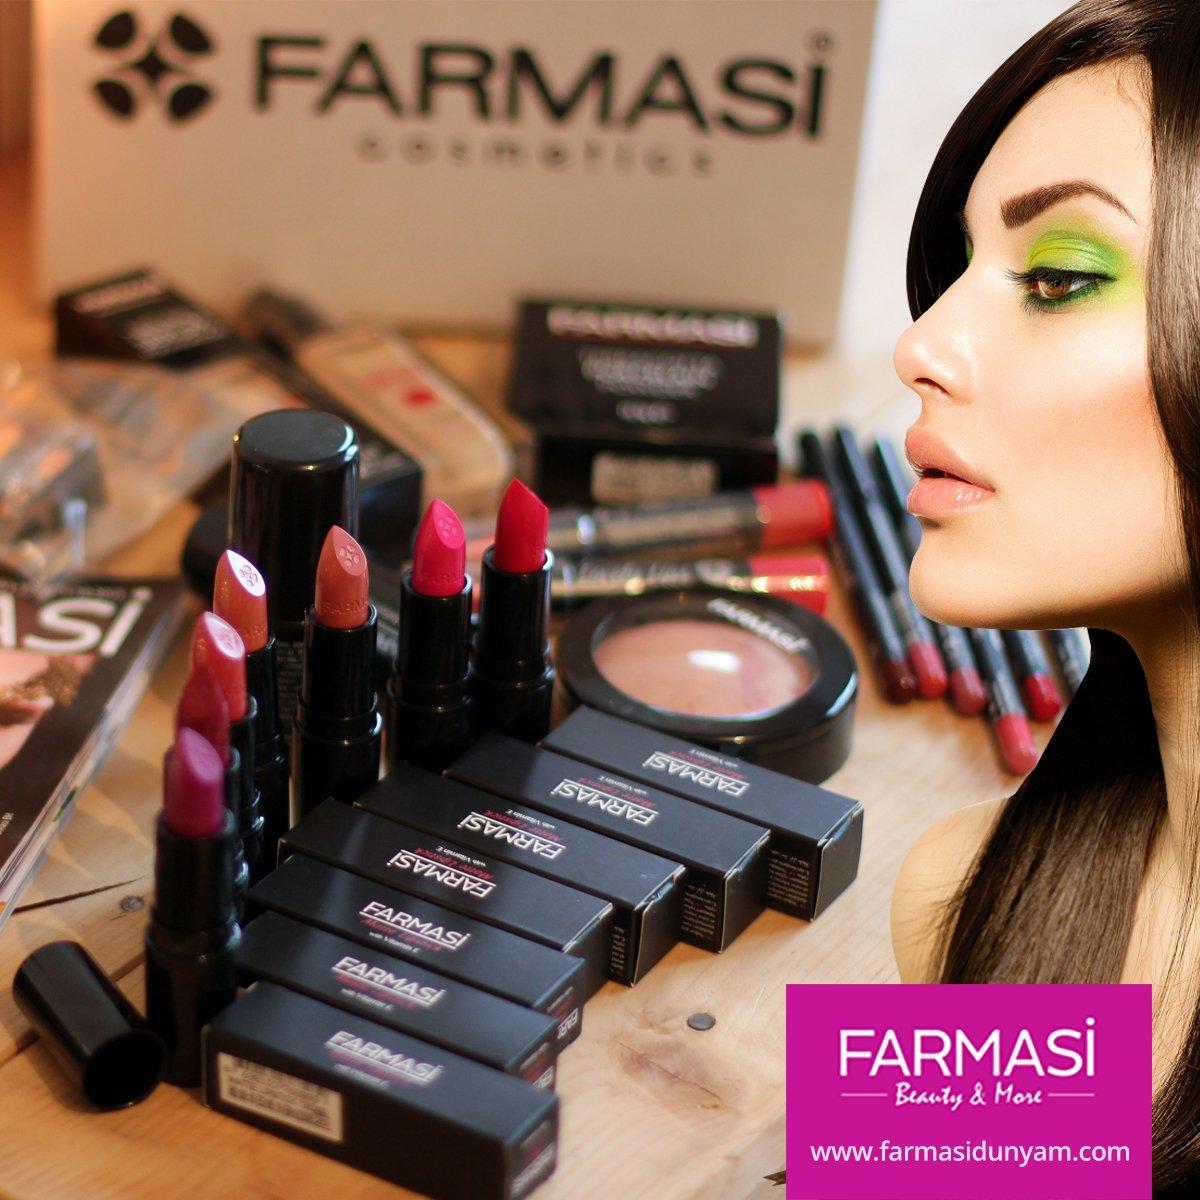 Косметика farmasi купить в украине купить брендовую косметику по низким ценам